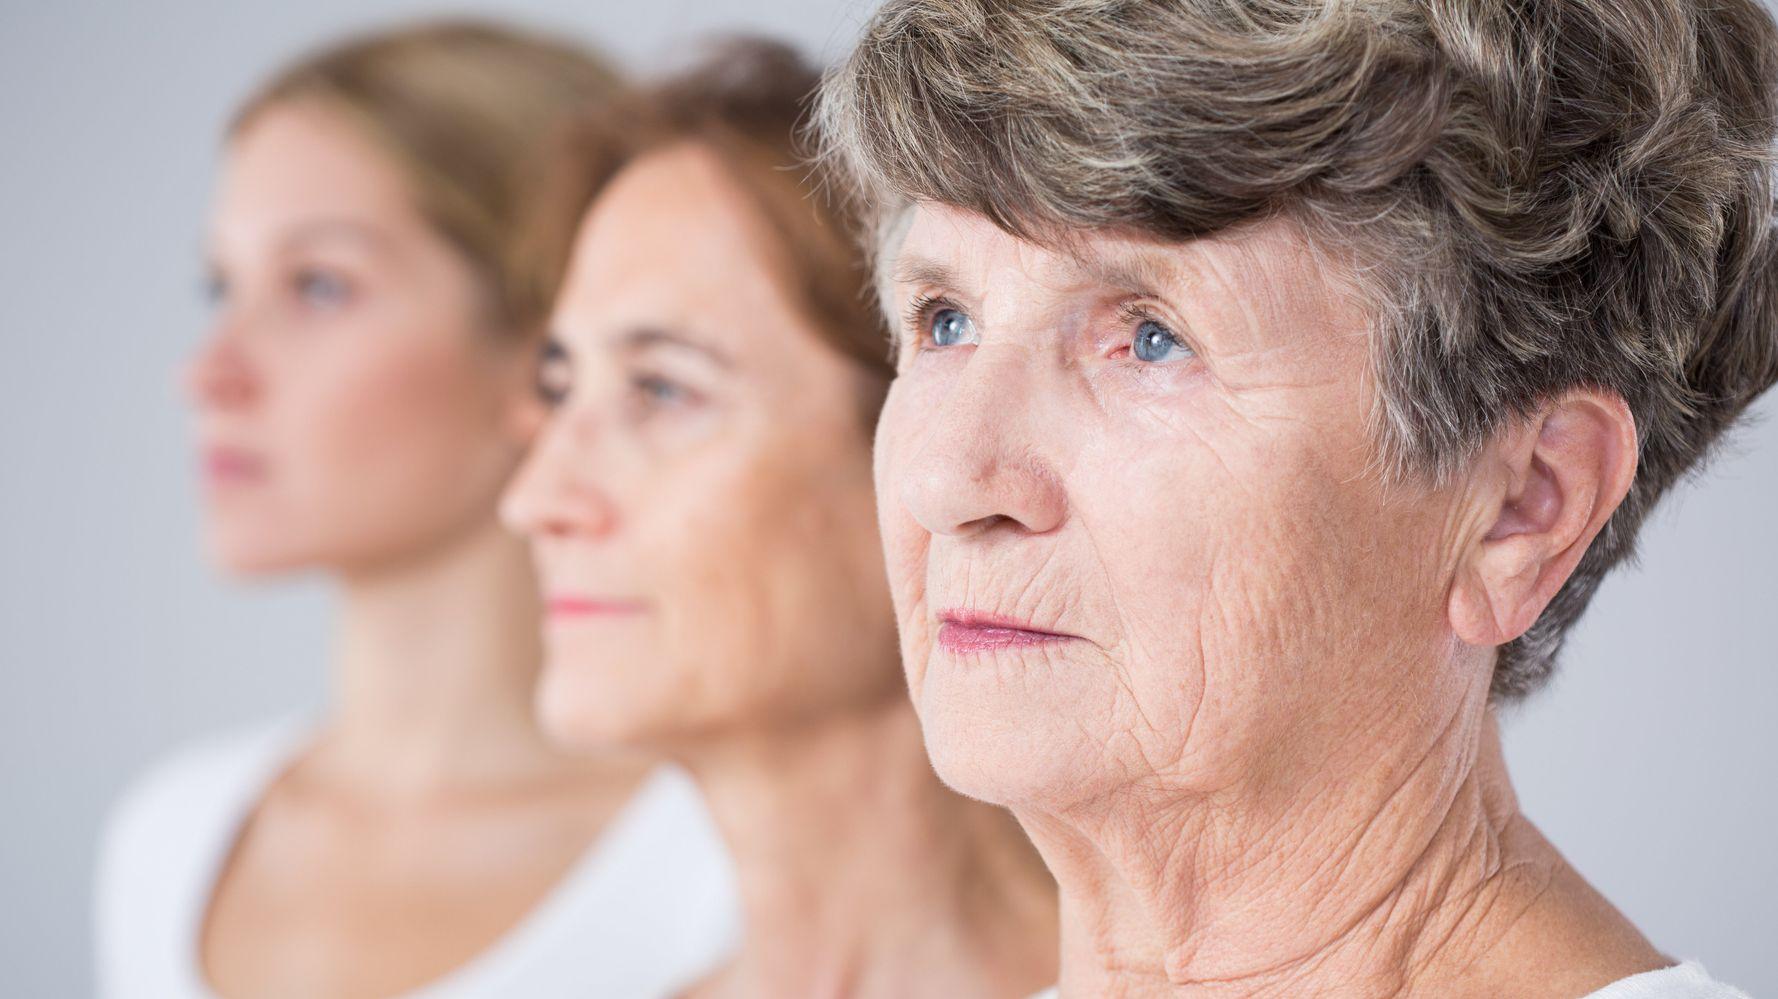 картинки преждевременной старости явно выше